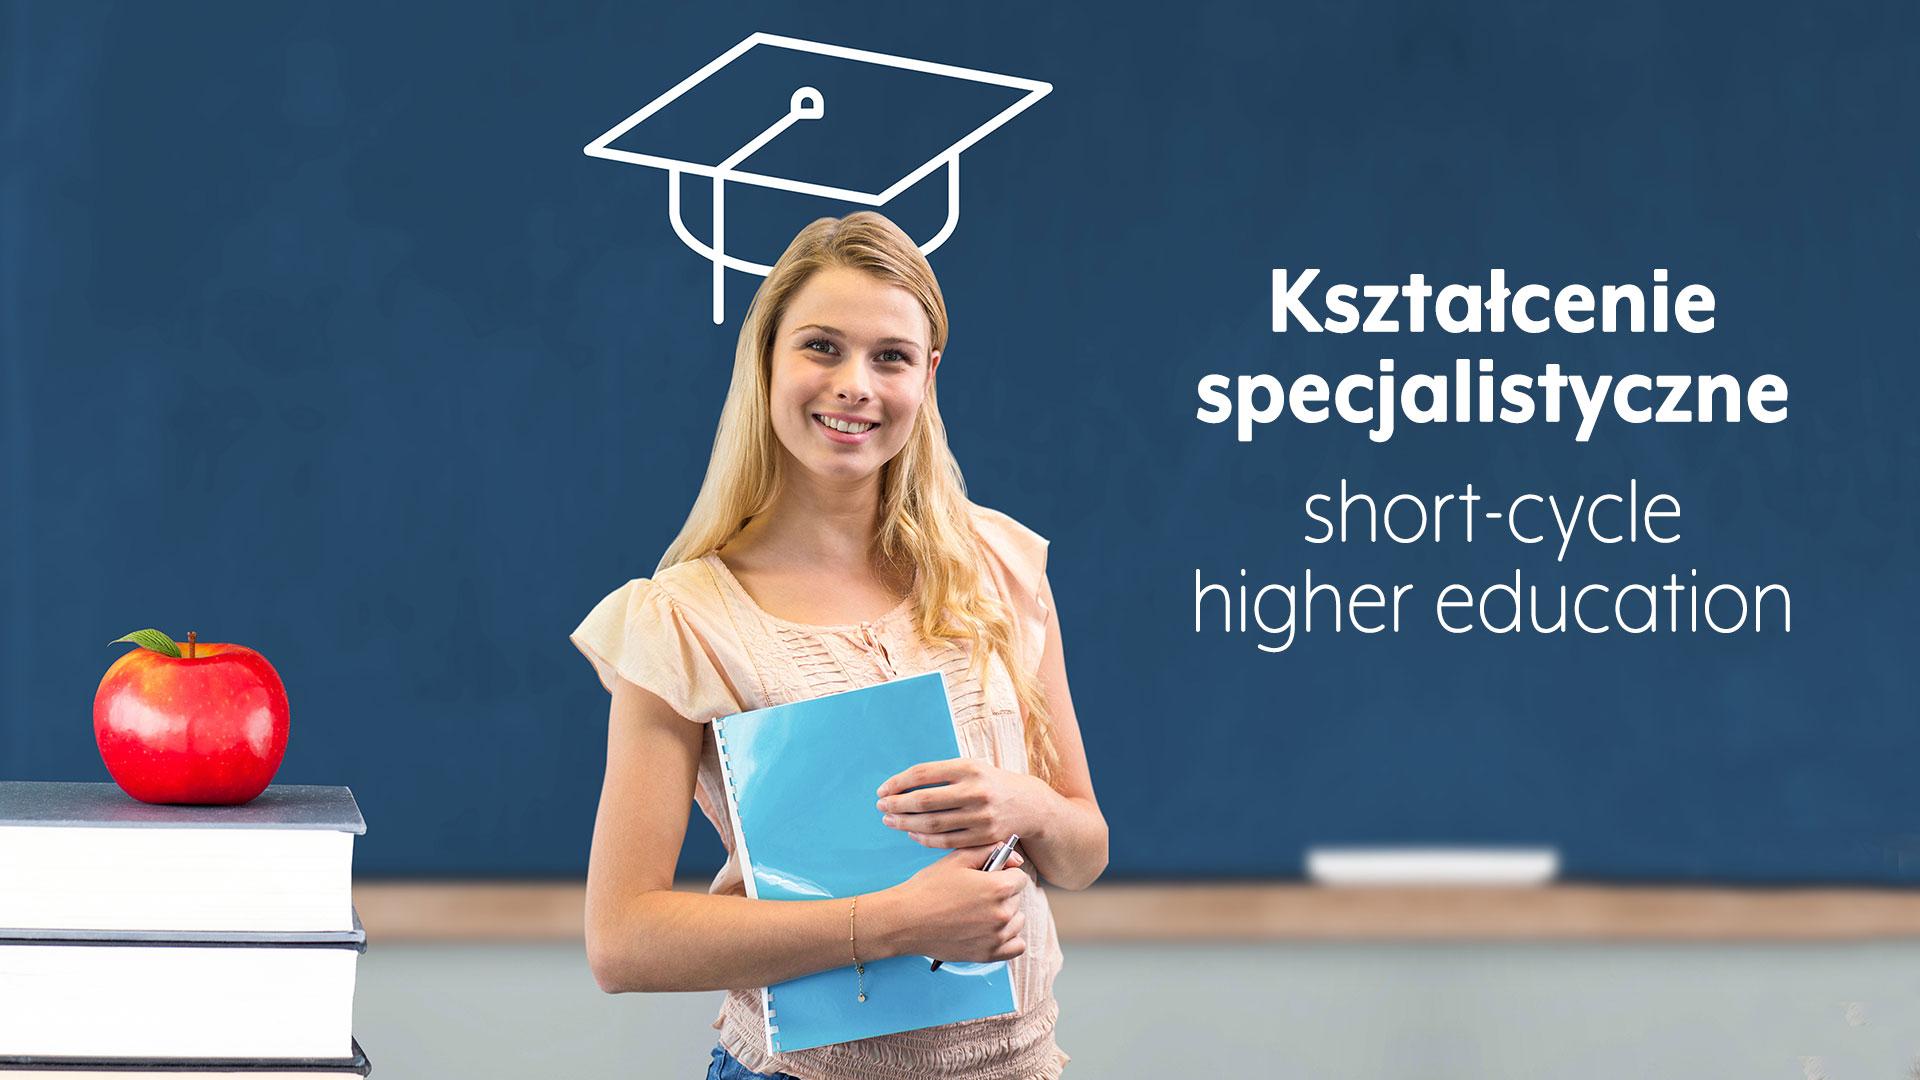 Kształcenie specjalistyczne